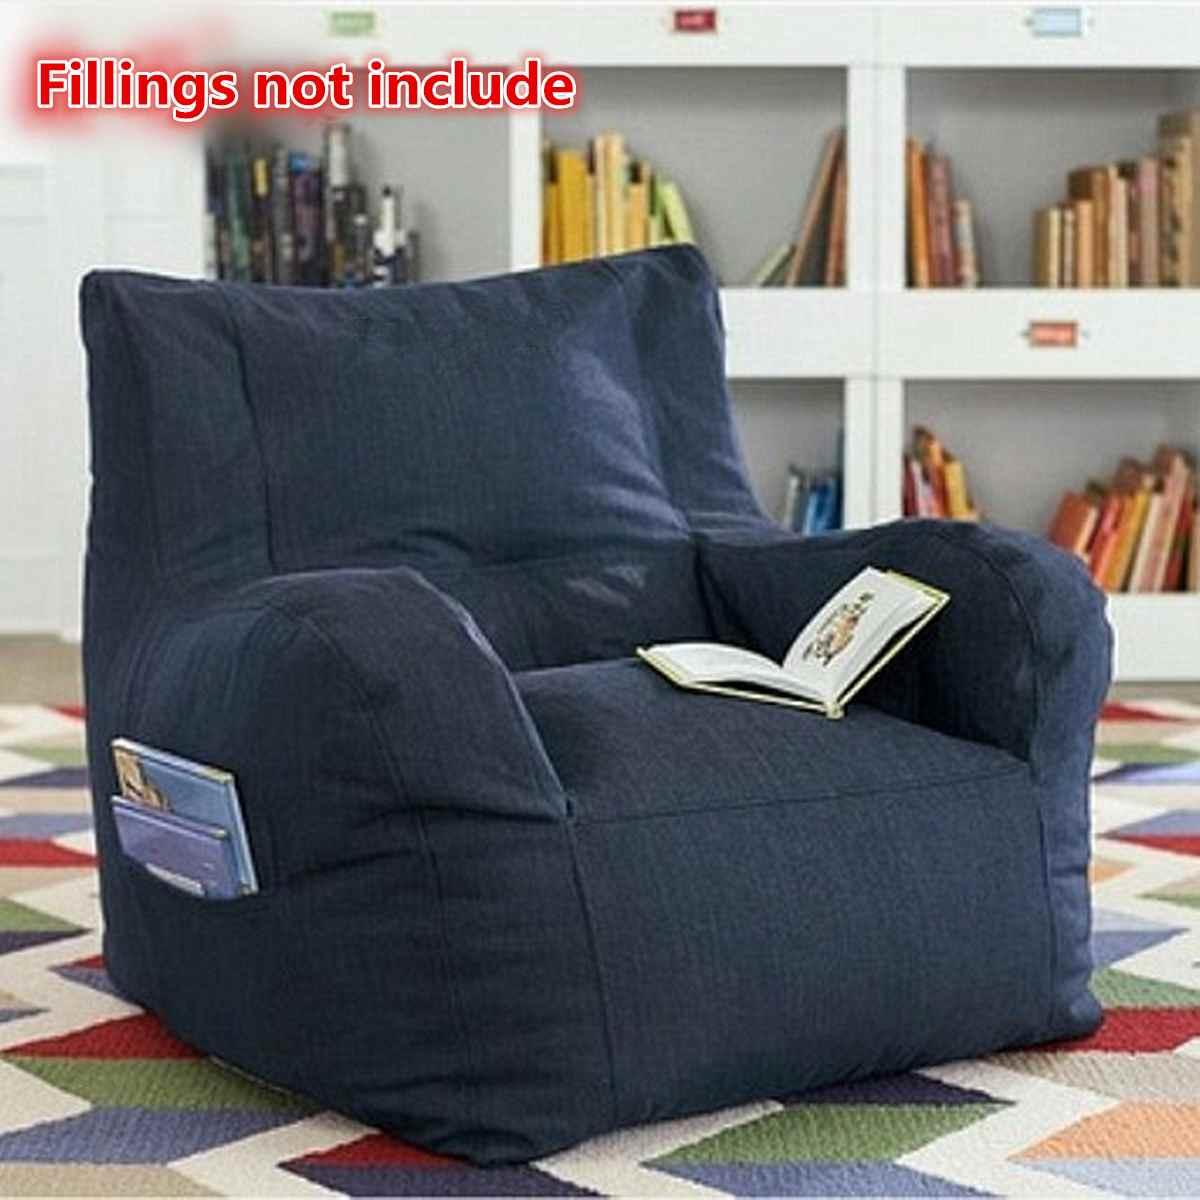 Grand pouf housse de canapé chaise longue canapé salon chambre meubles sans remplissage pouf lit canapé paresseux Tatami